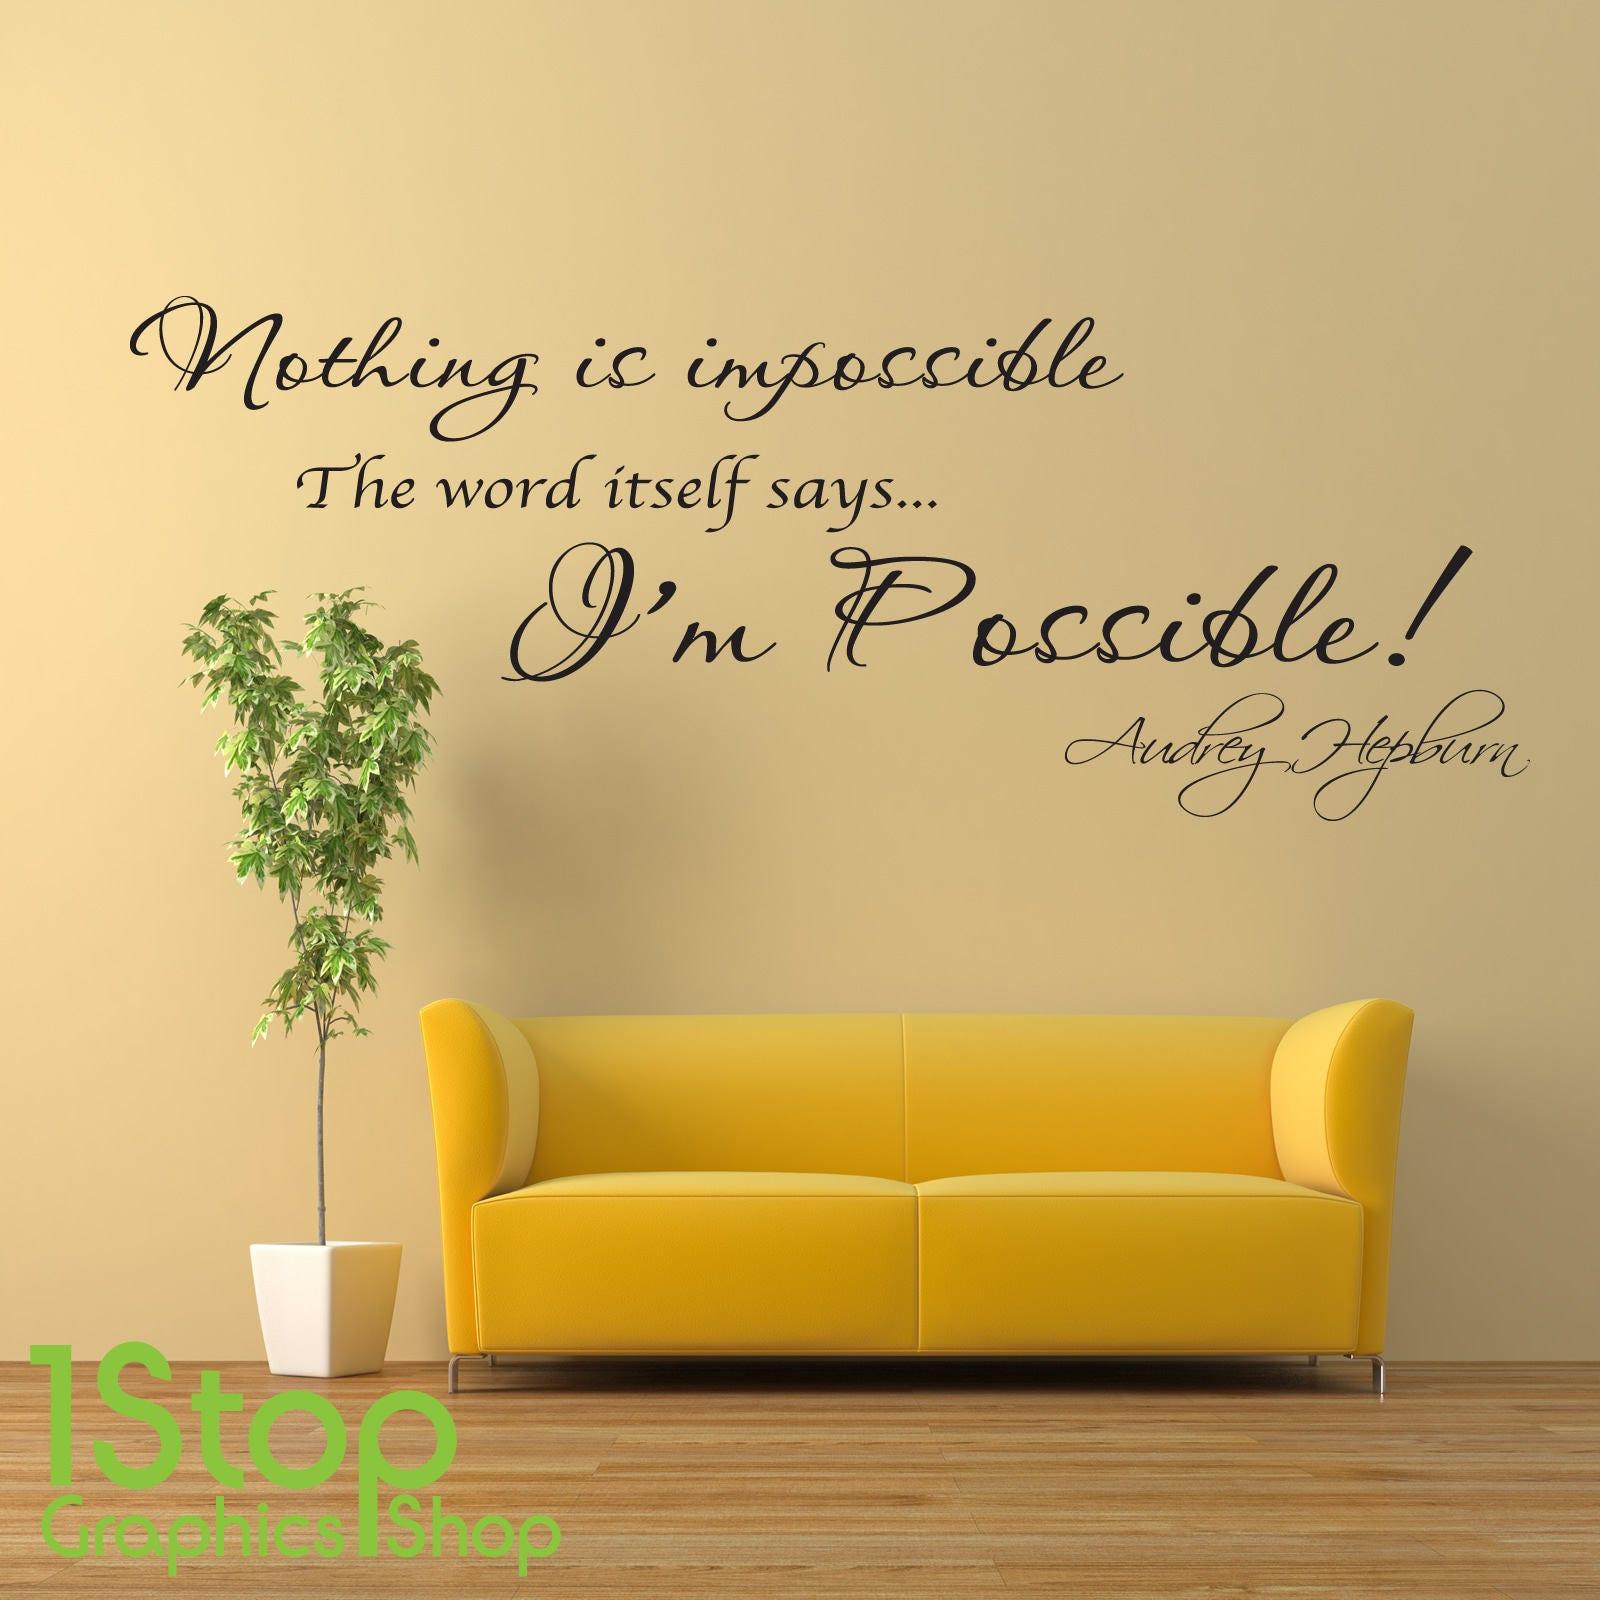 Audrey Hepburn Wall Sticker Quote Home Bedroom Wall Art